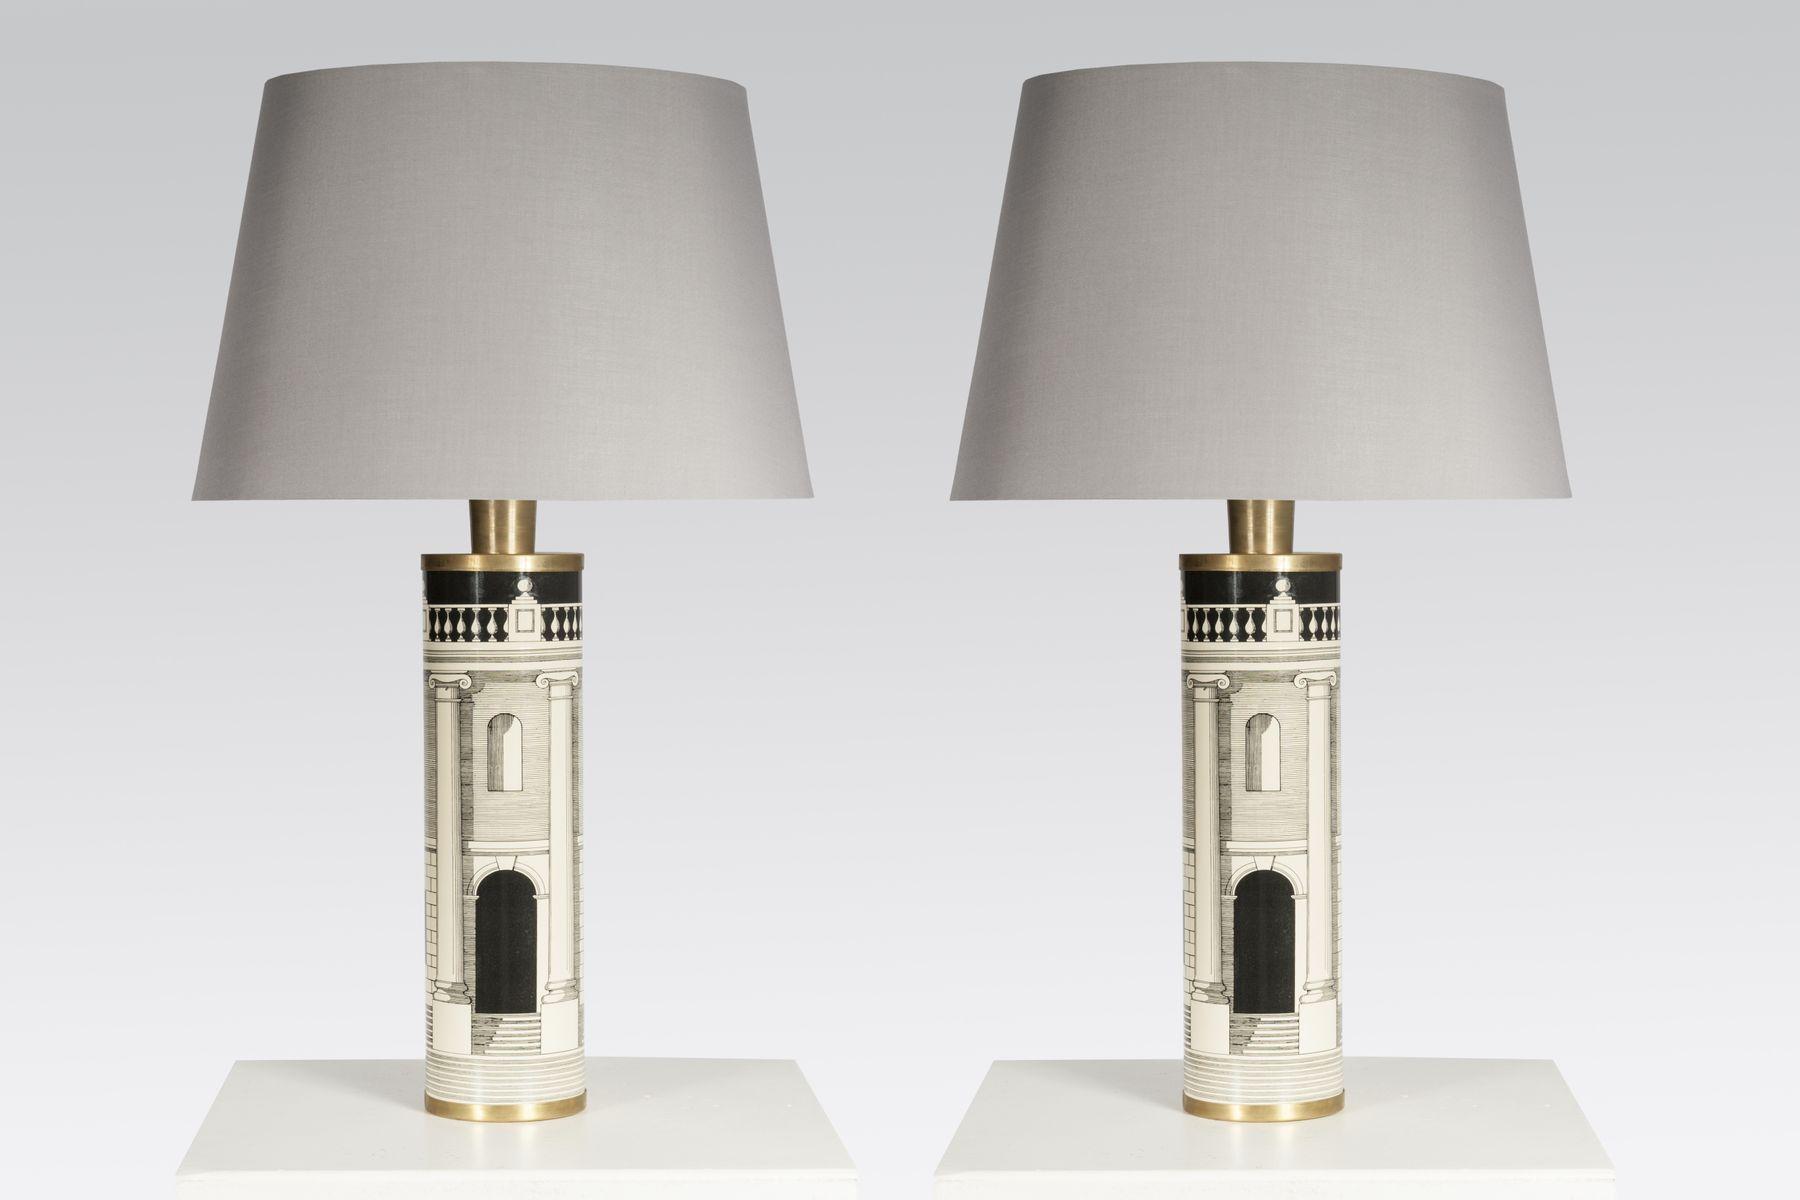 Vintage Tischlampe von Atelier Fornasetti, 1980er